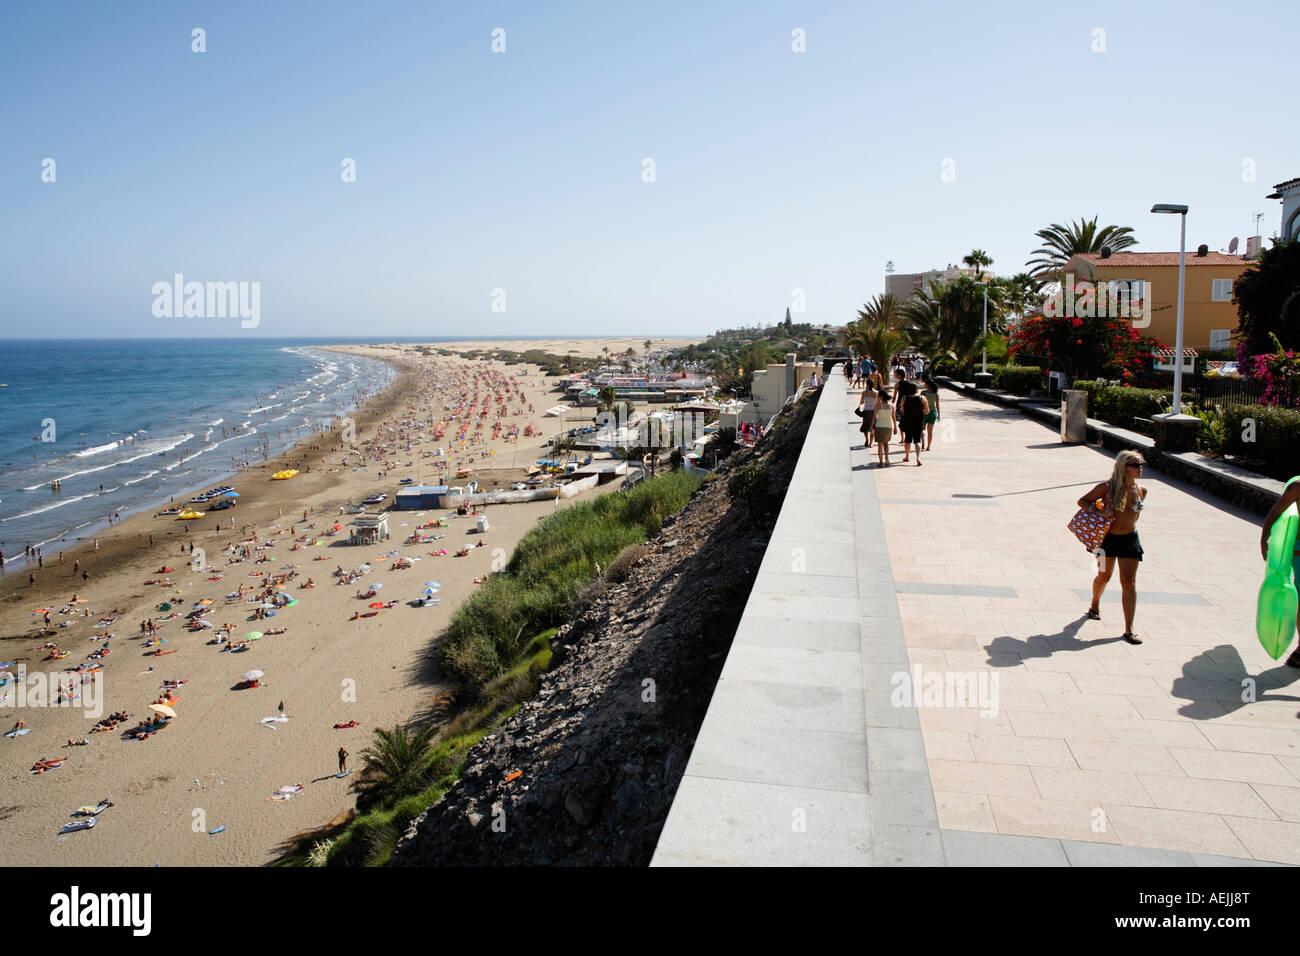 Promenade Playa Del Ingles Costa Canaria Gran Canaria Spain